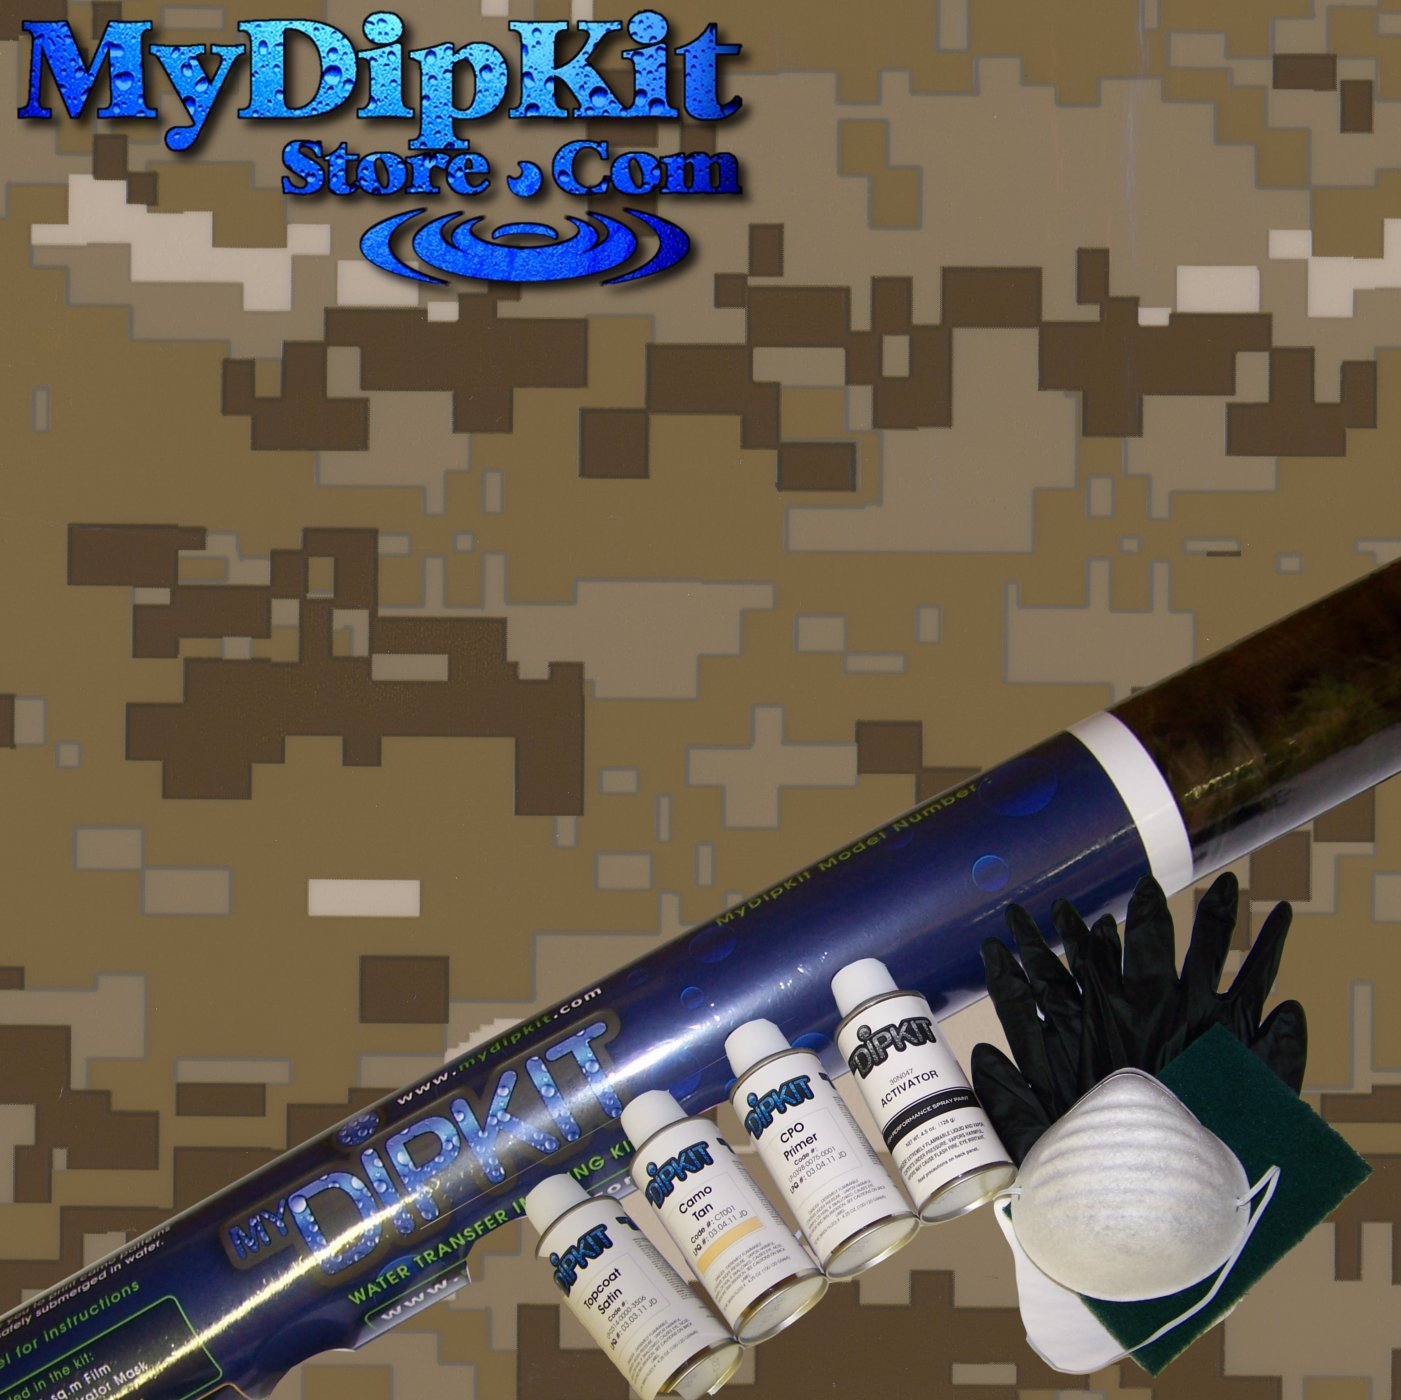 amazon com desert digital camouflage hydrographics kit mydipkit amazon com desert digital camouflage hydrographics kit mydipkit mc 821 my dip kit home kitchen